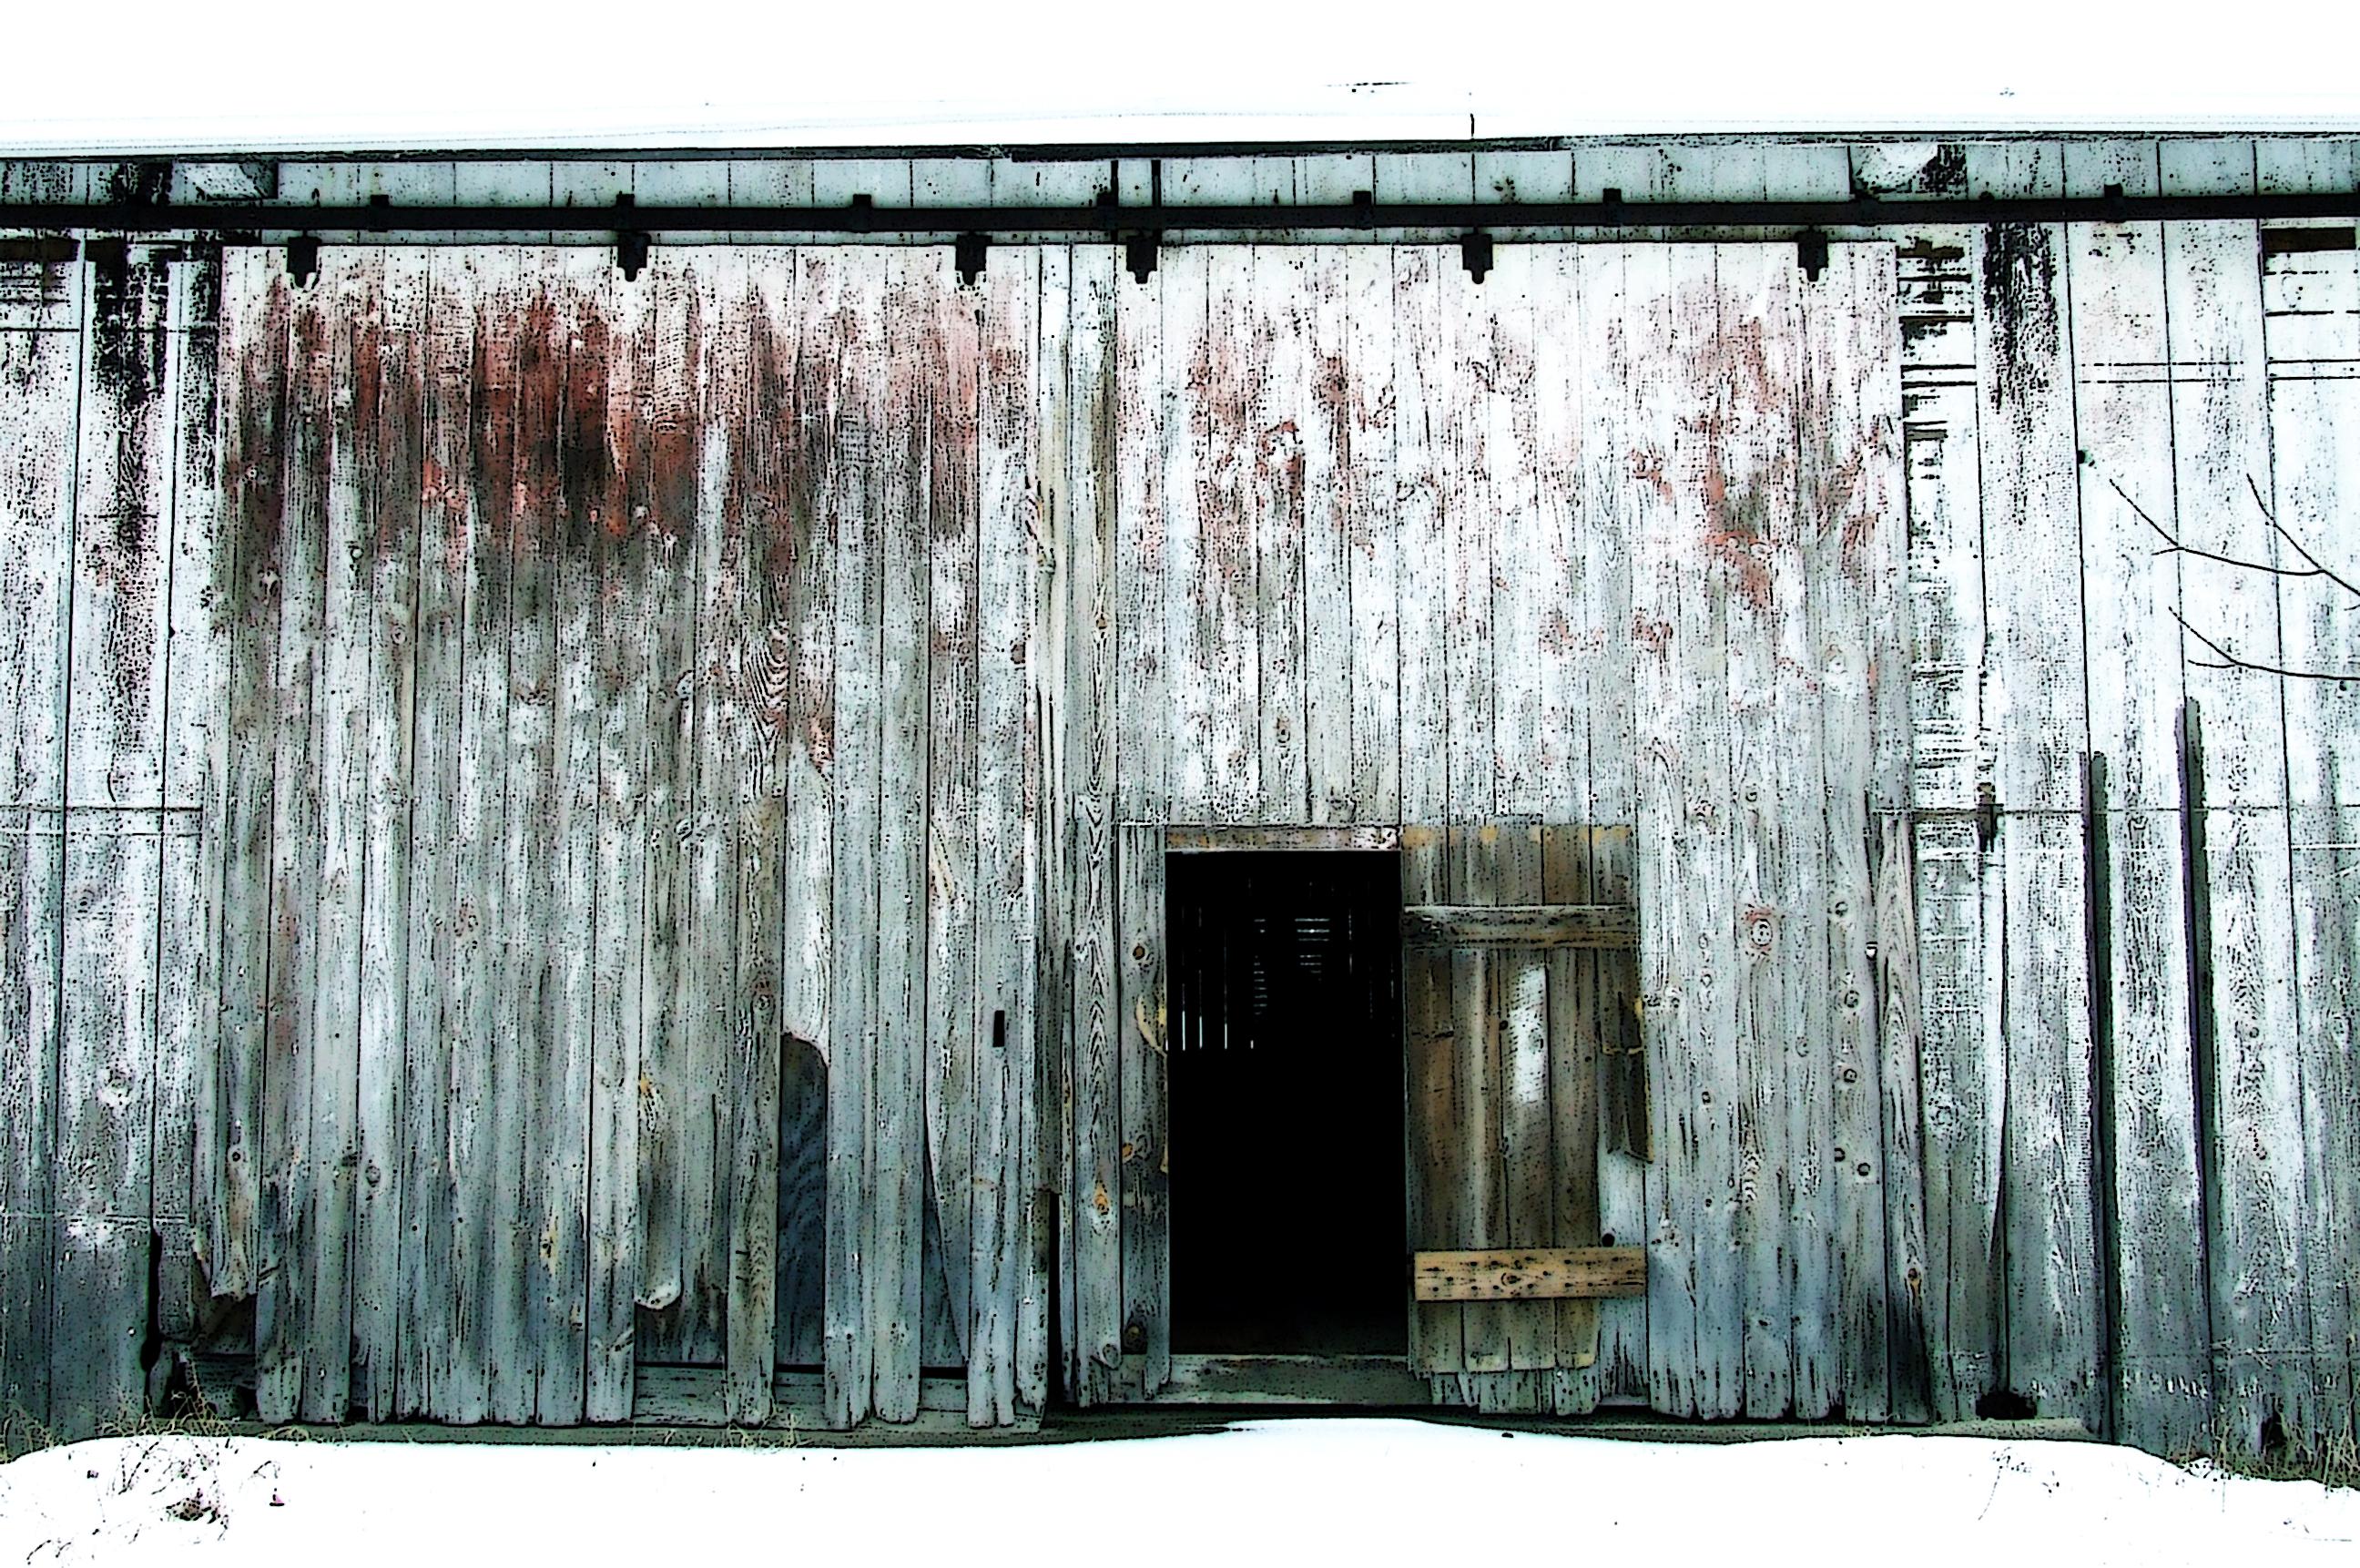 white barn in winter – Woodrat photoblog